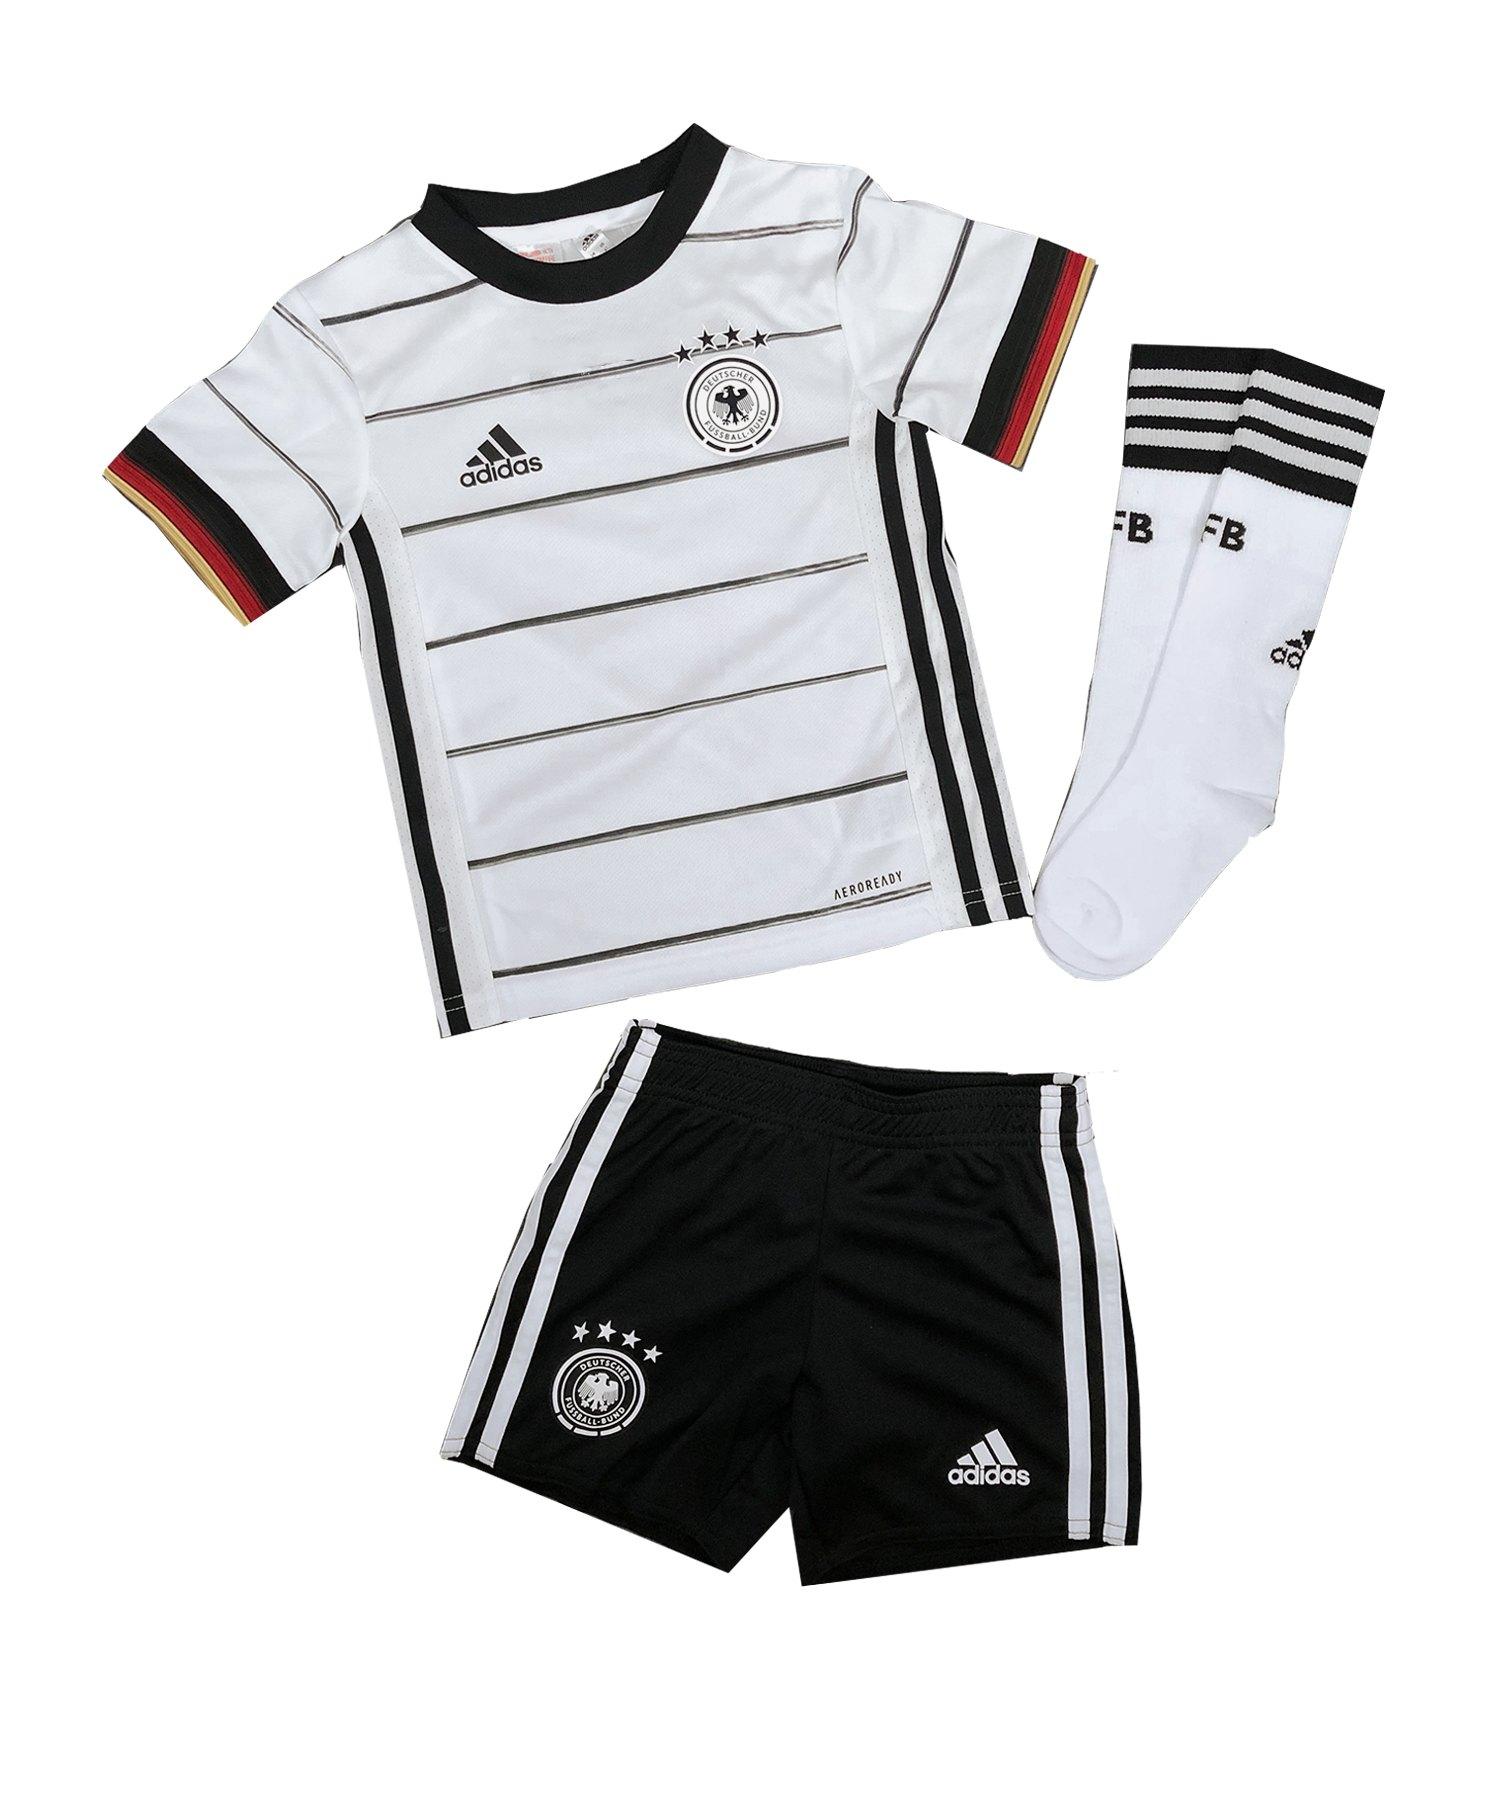 adidas DFB Deutschland Minikit Home EM 2020 Weiss - weiss